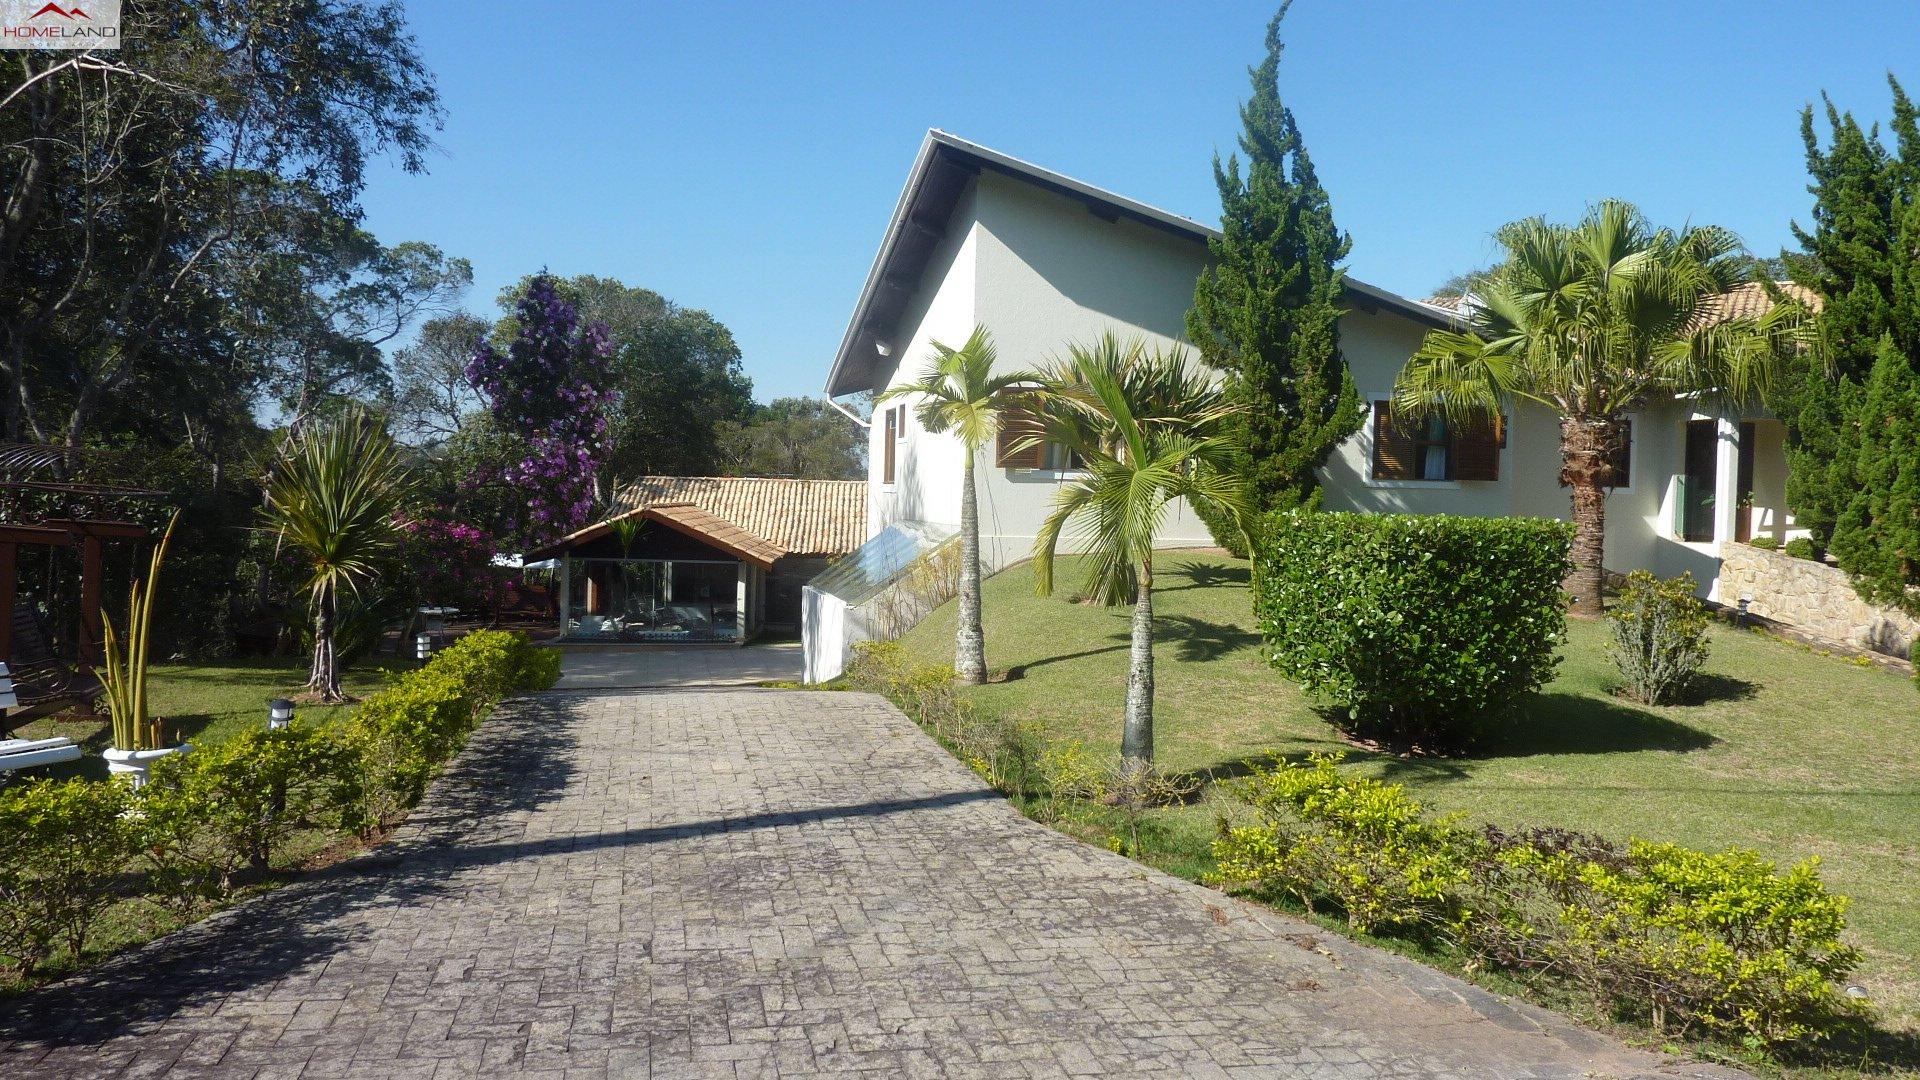 HL-168 Excelente casa em amplo terreno, perfeita para moradia e lazer no Patrimônio do Carmo R$ 2.480 mil